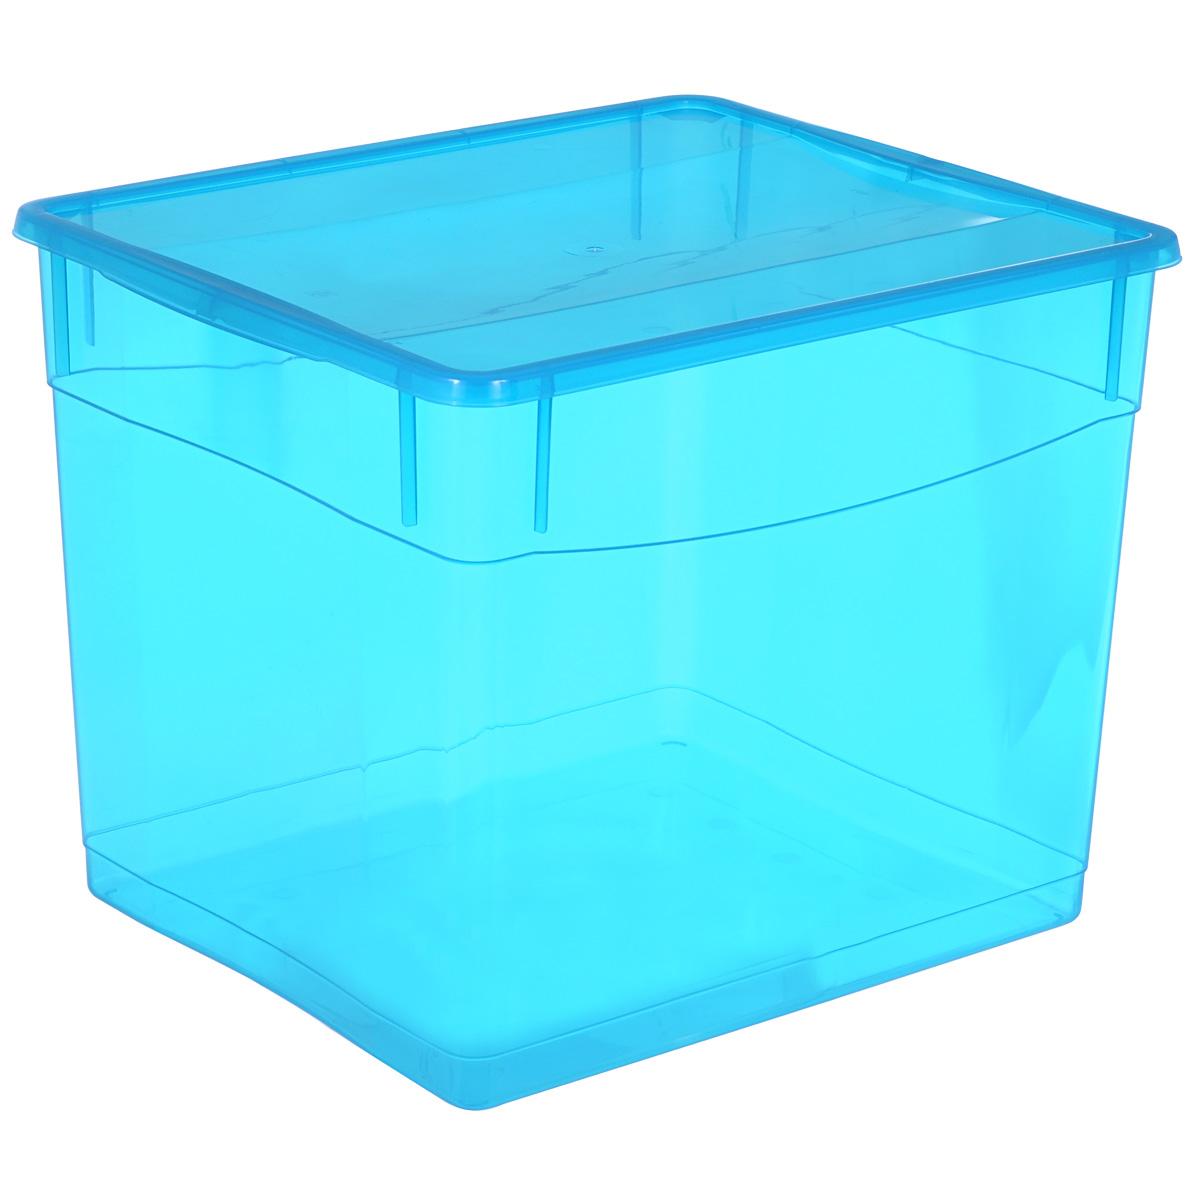 Ящик универсальный Бытпласт Колор Стайл с крышкой, 34 лС12782Универсальный ящик Бытпласт Колор Стайл выполнен из полипропилена и предназначен для хранения различных предметов. Ящик оснащен удобной крышкой.Очень функциональный и вместительный, такой ящик будет очень полезен для хранения вещей или продуктов, а также защитит их от пыли и грязи.